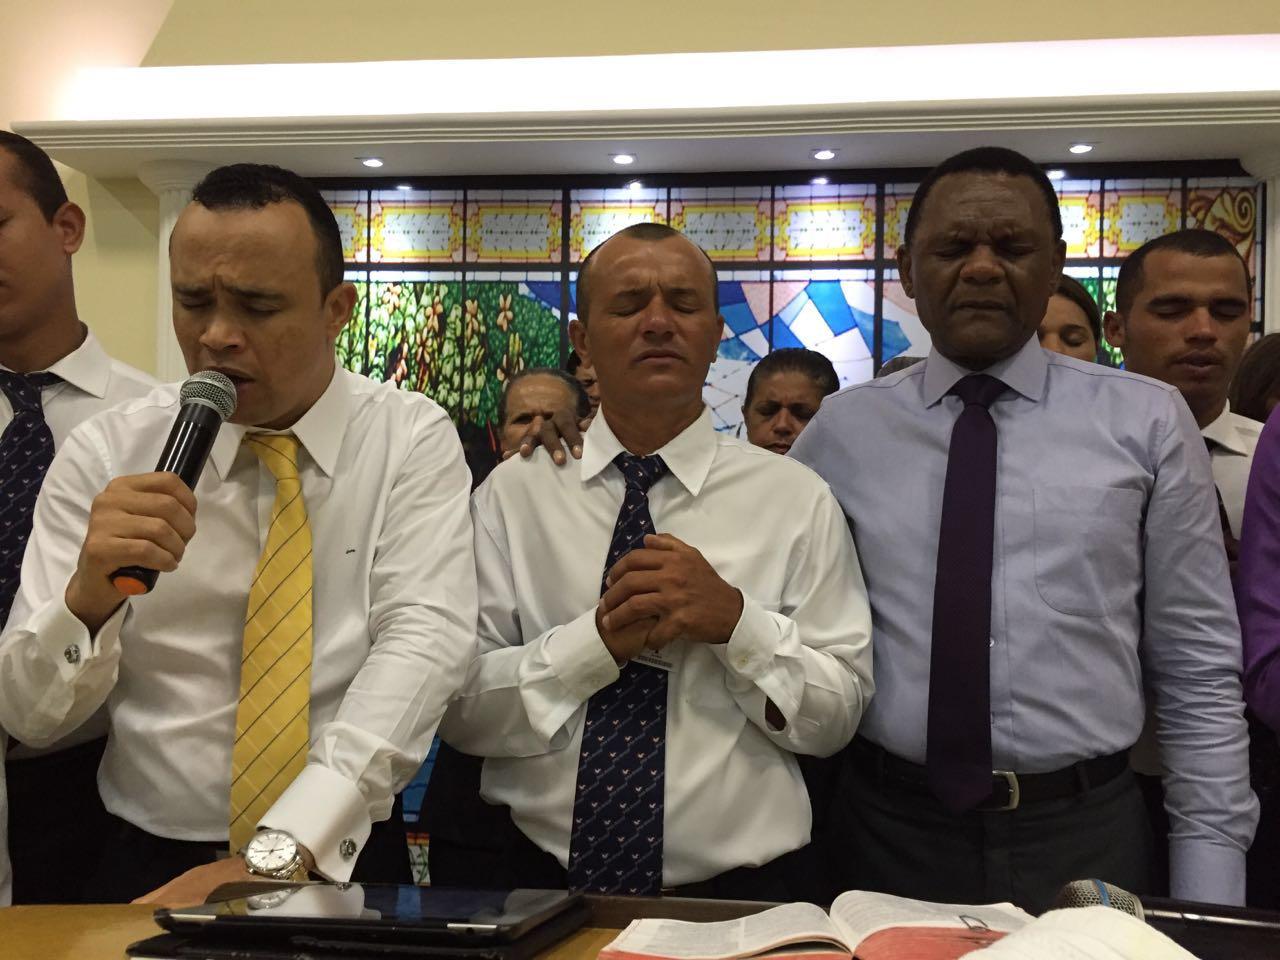 Universal – Bispo Ossesio participa de Concentração em Surubim